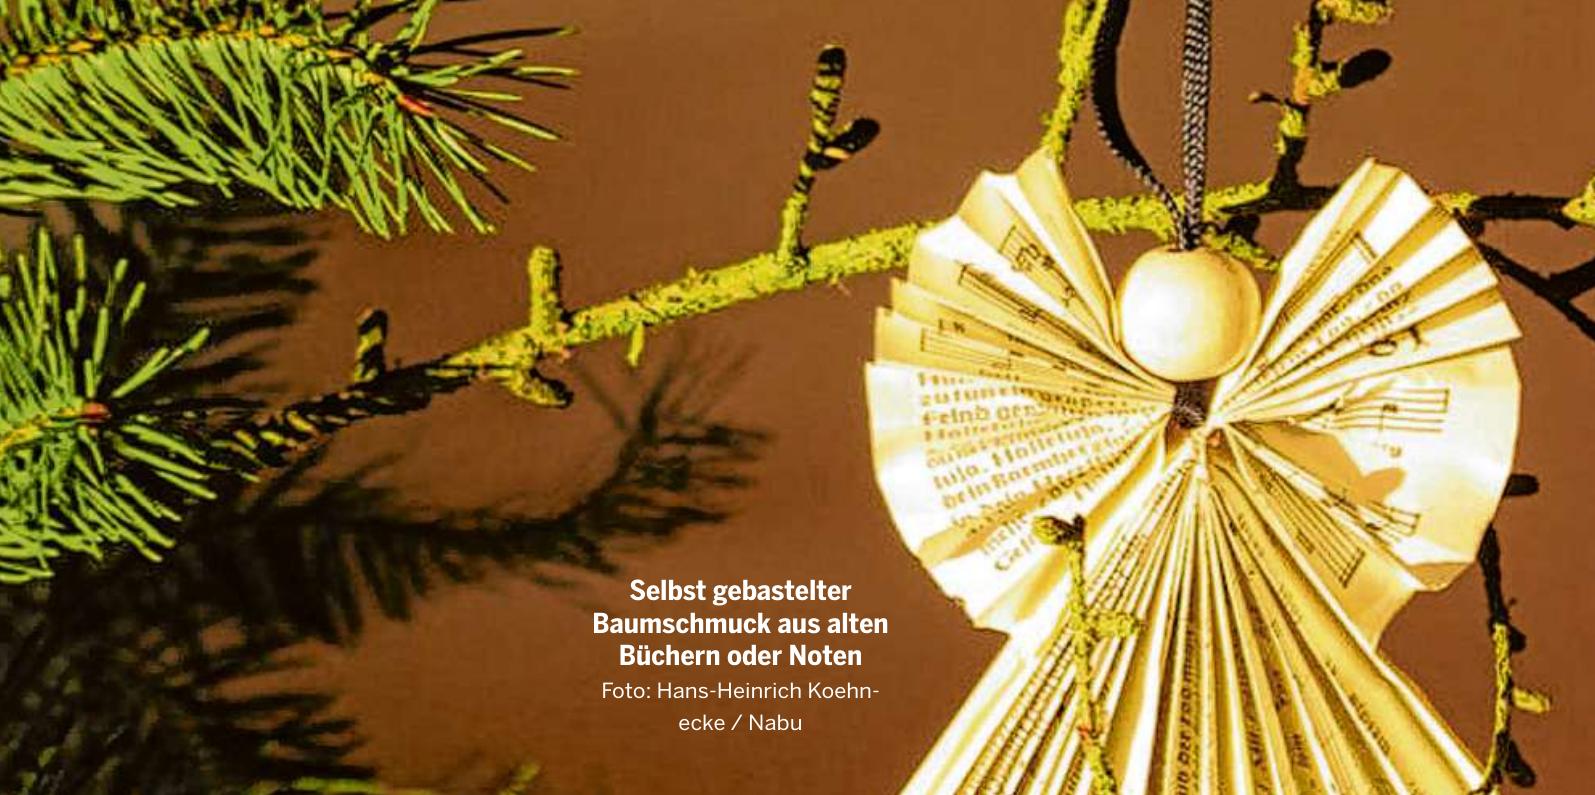 Selbst gebastelter Baumschmuck aus alten Büchern oder Noten Foto: Hans-Heinrich Koehnecke / Nabu